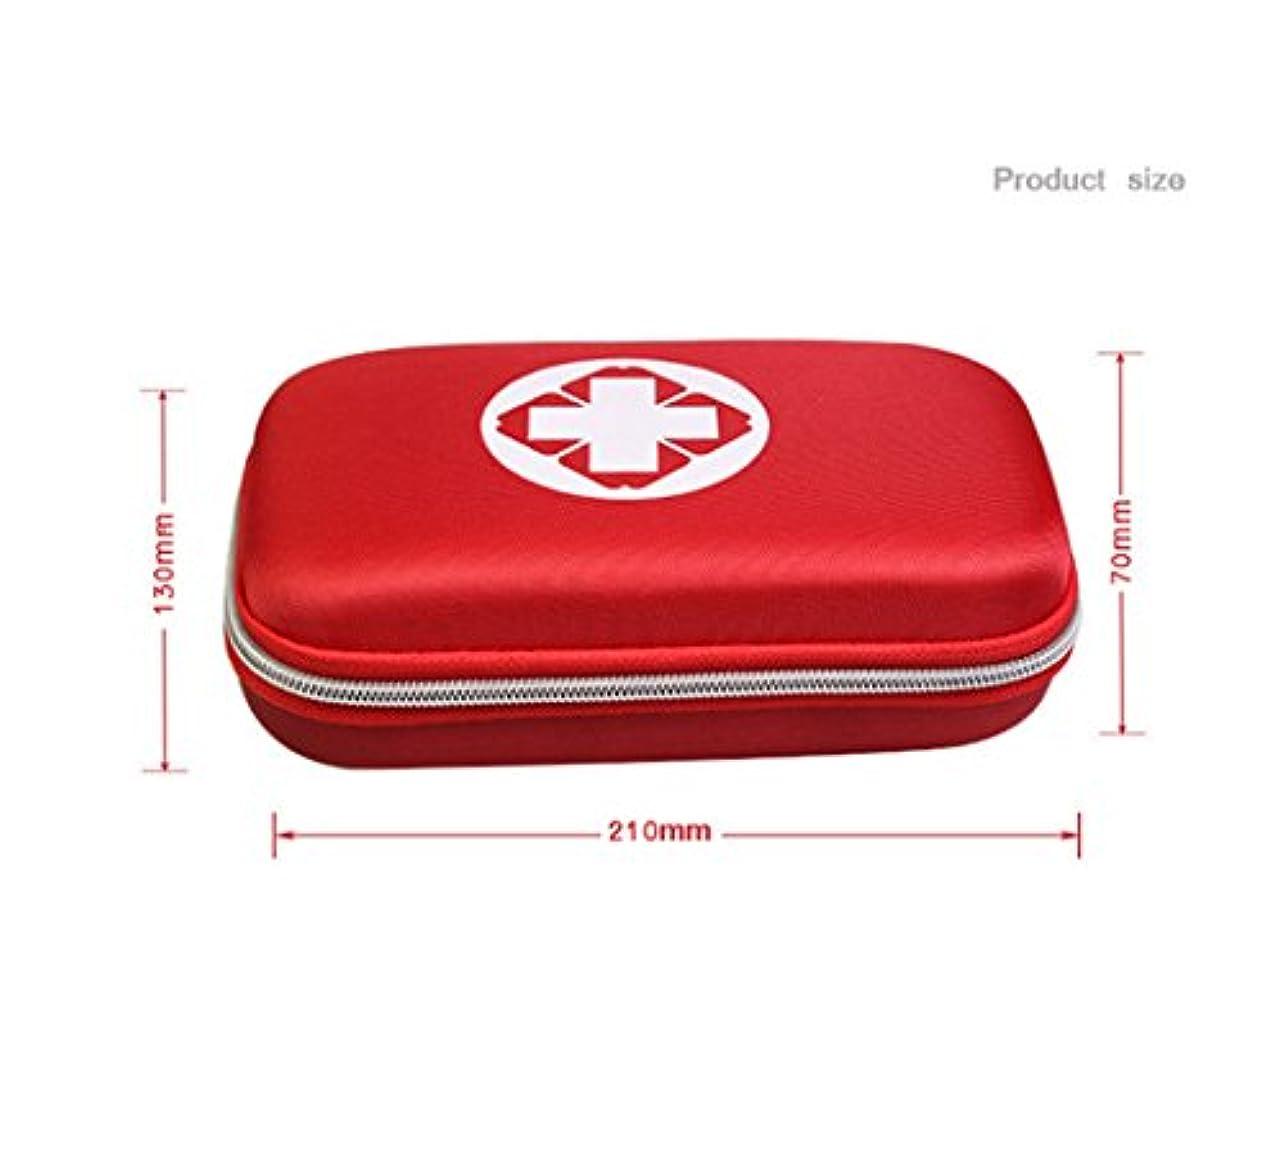 ジェム状況かけがえのないCarejoy 救急箱  緊急救急バッグ ファーストエイドキット  アウトドアスポーツ旅行キャンプ  緊急サバイバル   防災用 携帯